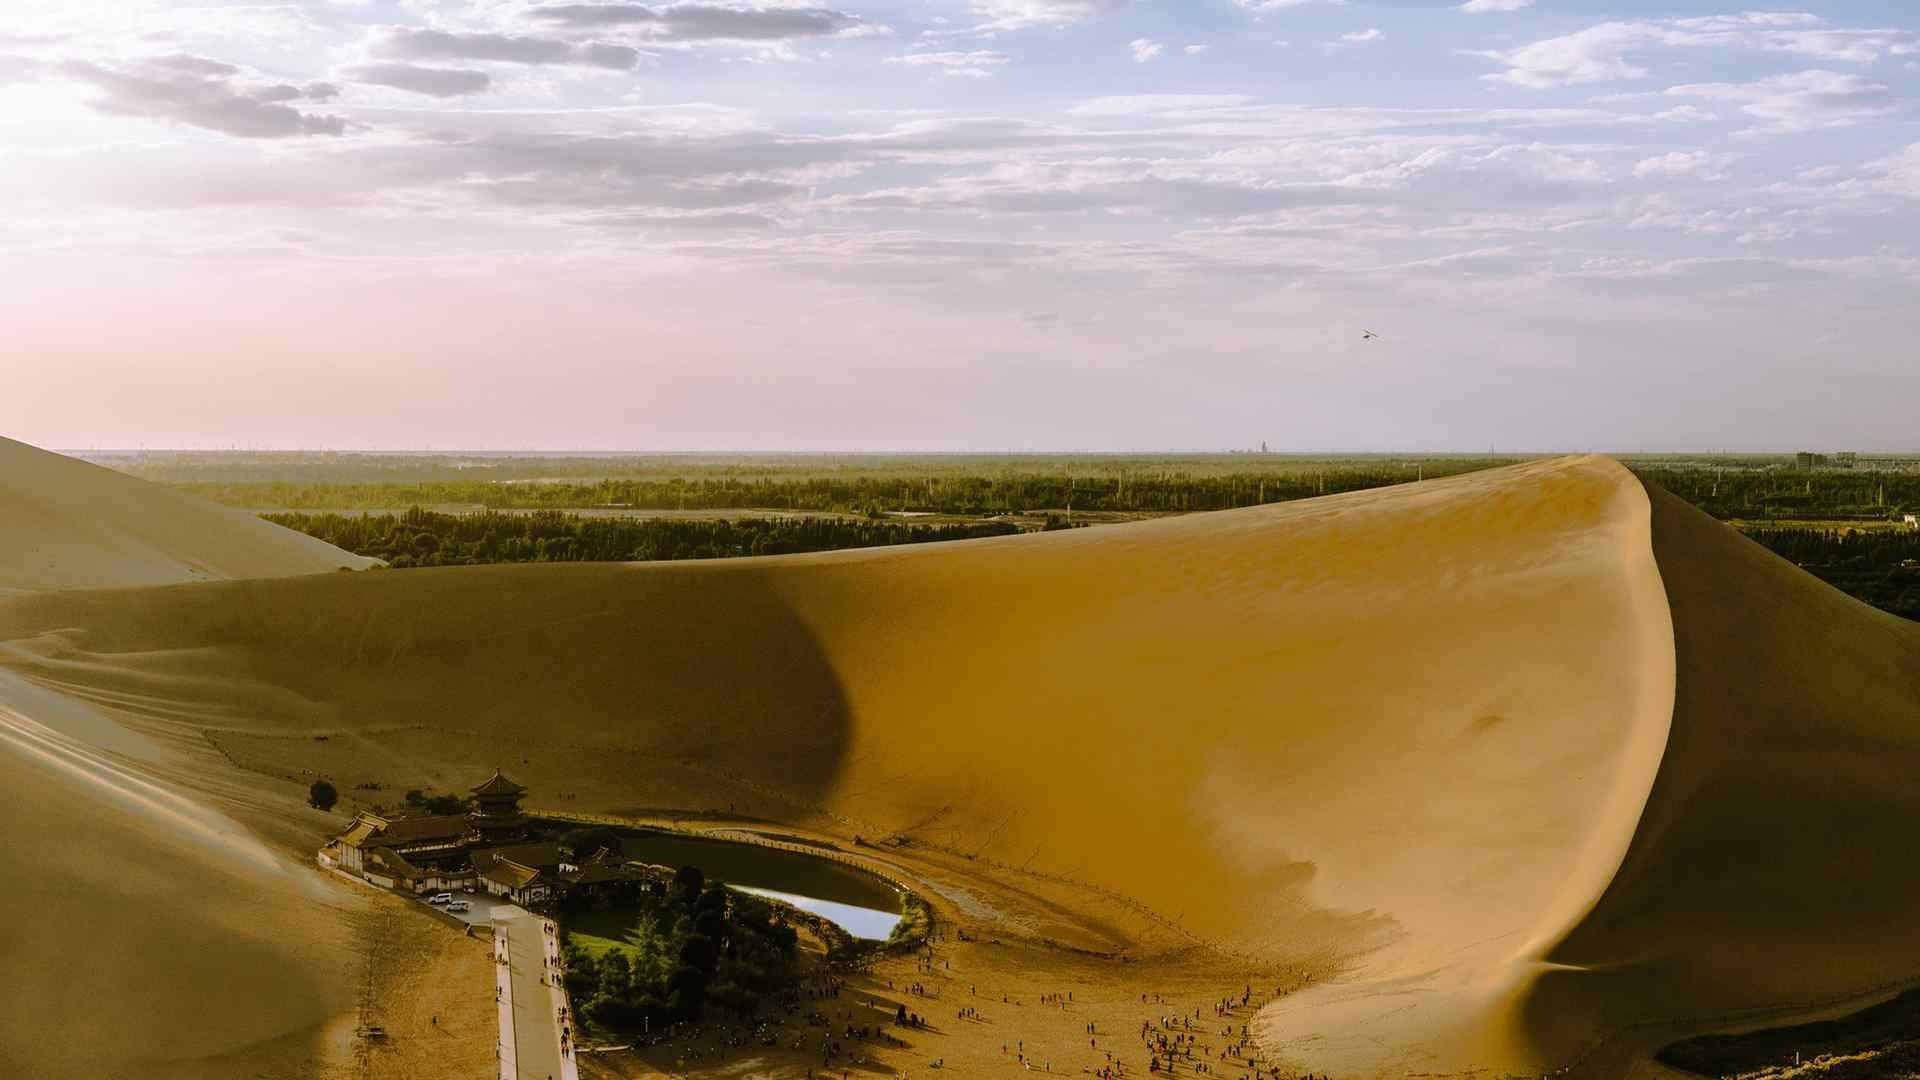 沙漠风景摄影高清桌面壁纸